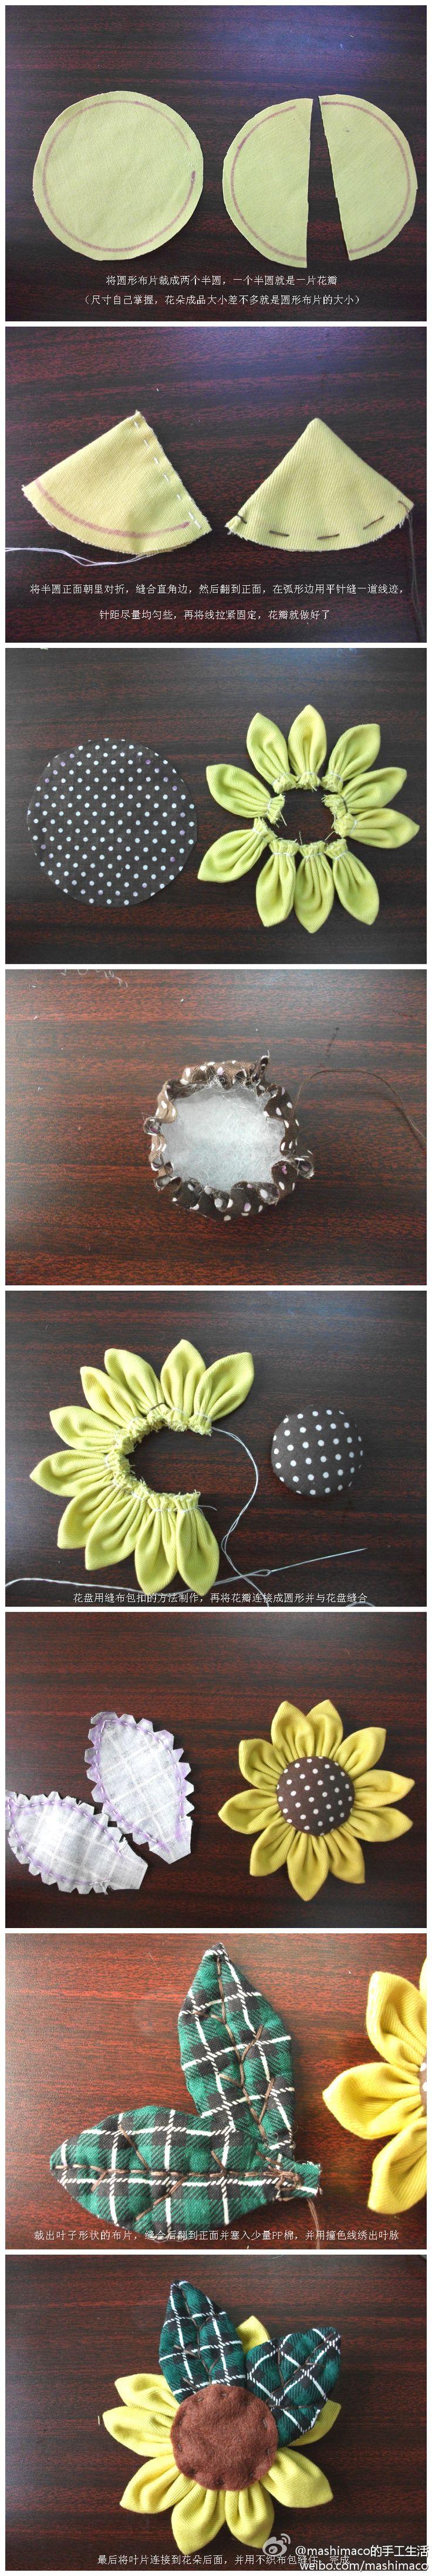 DIY Flower Button